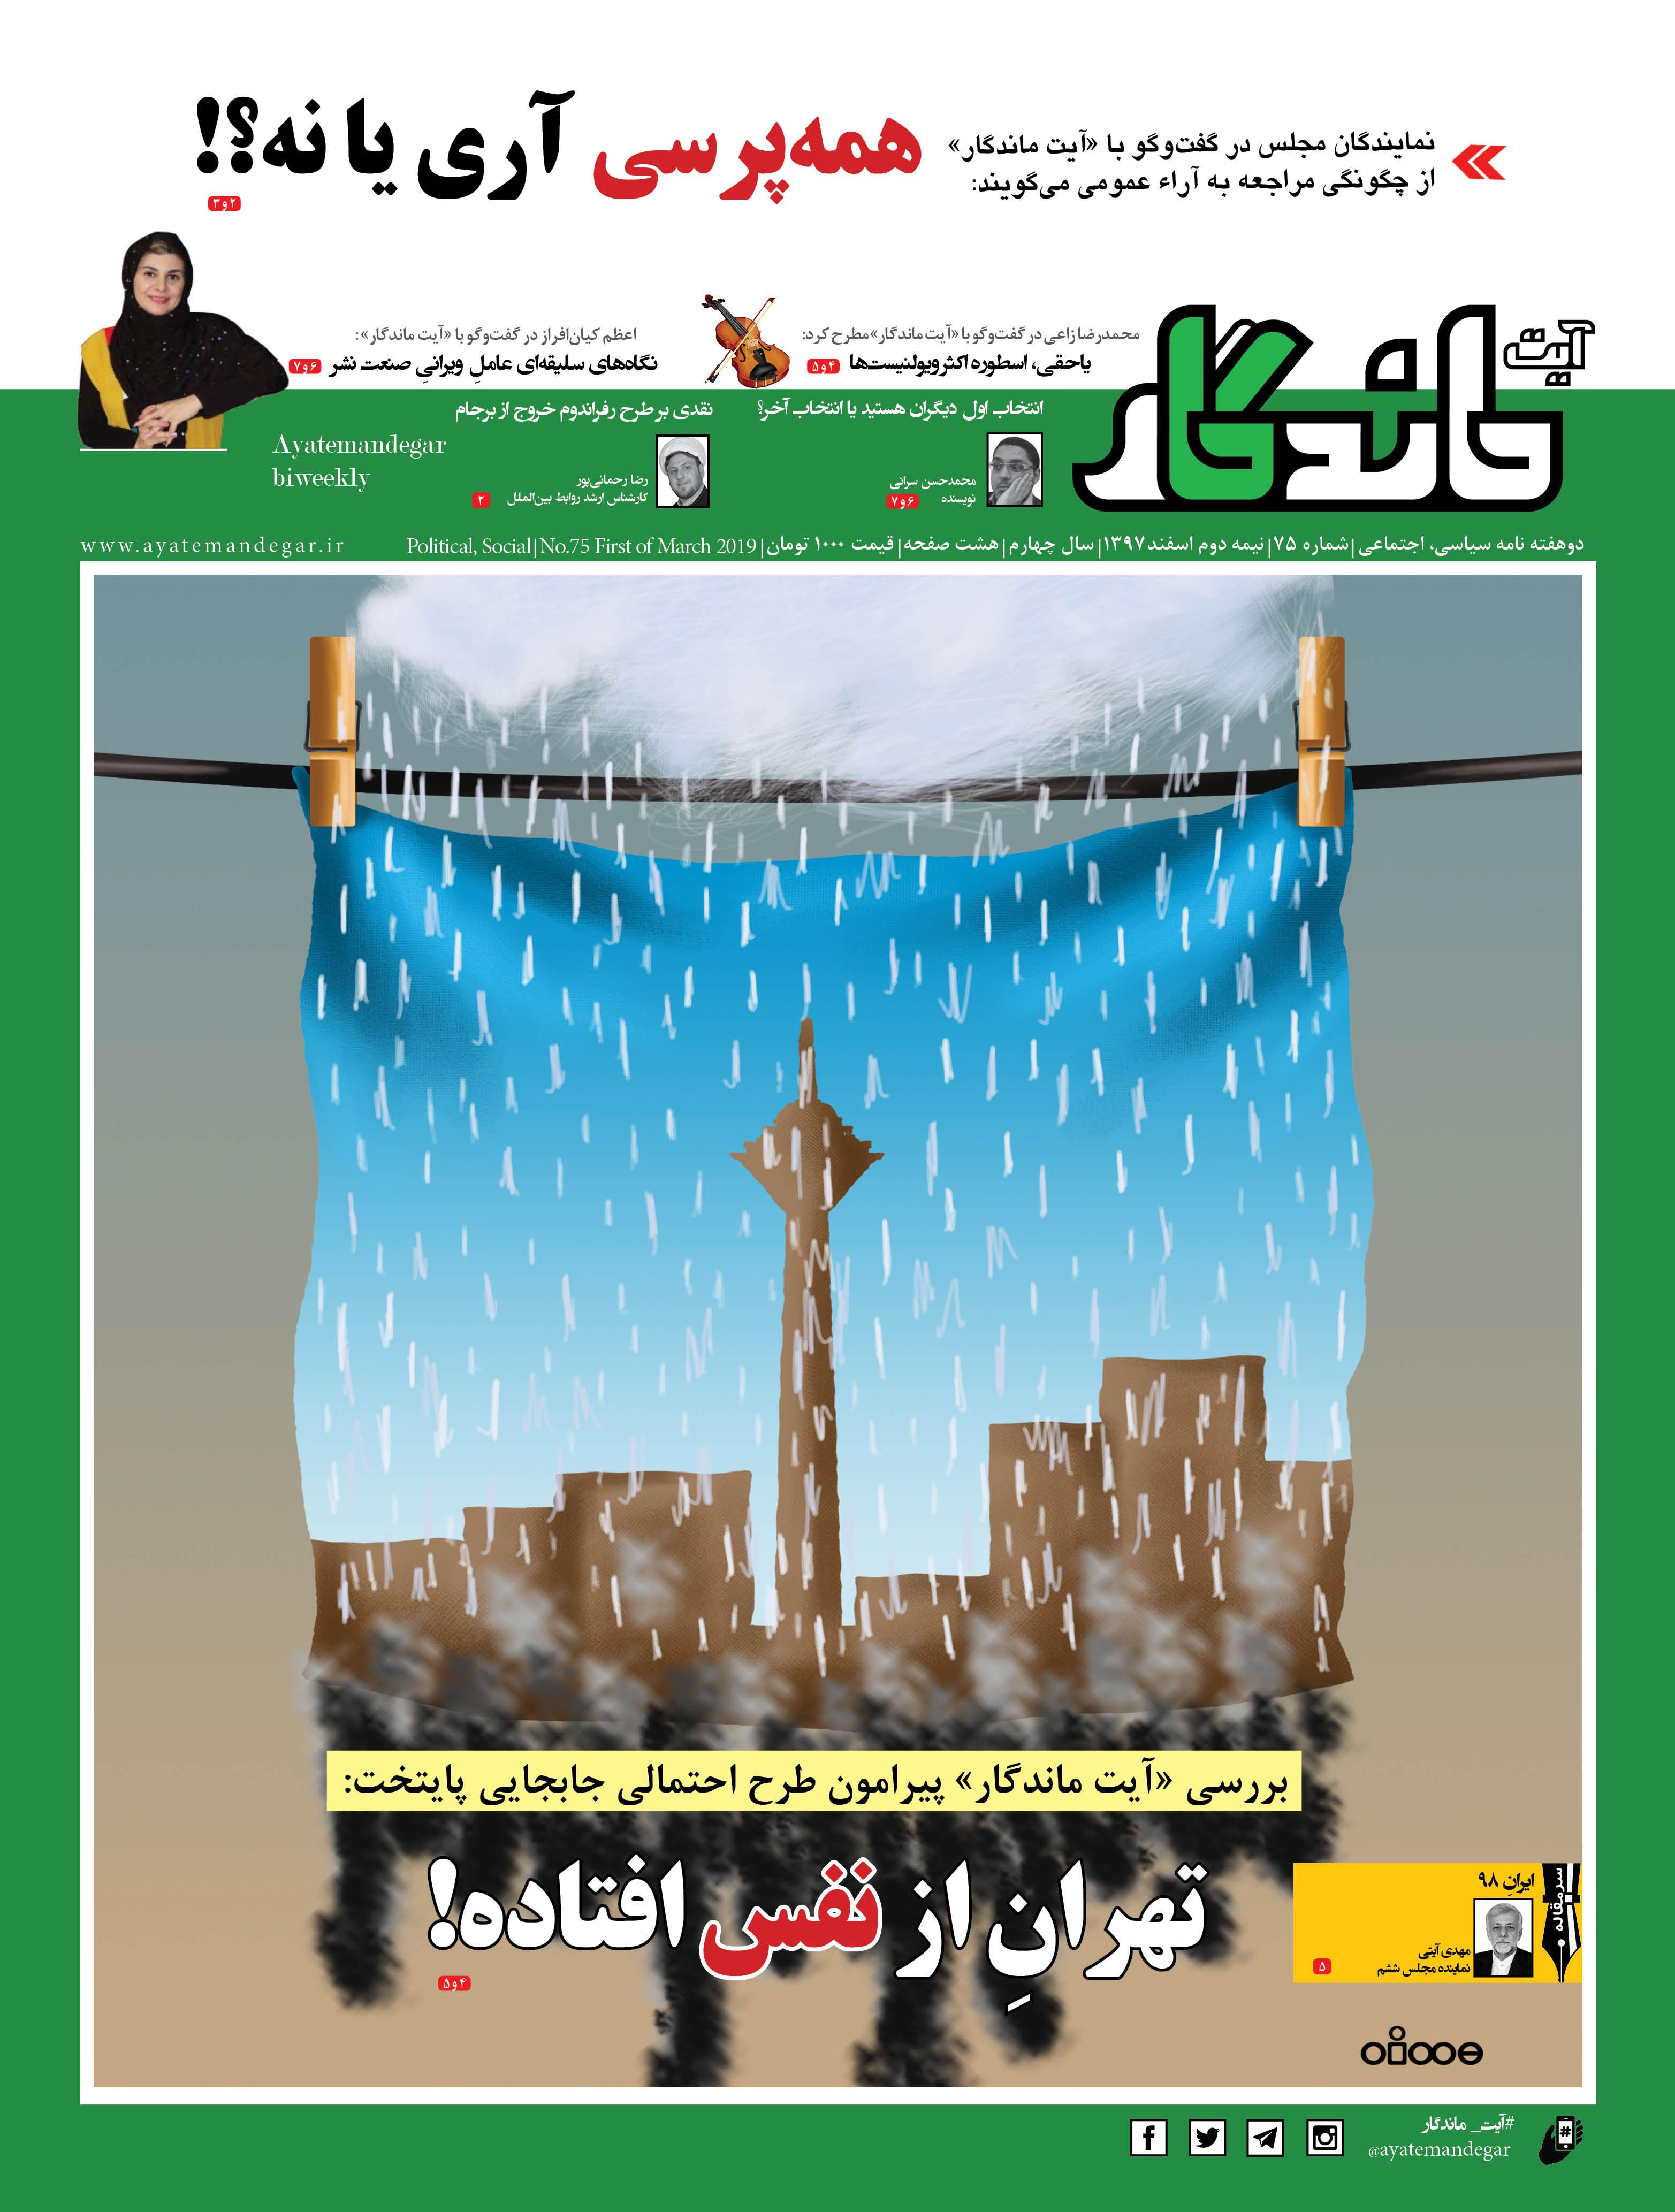 هفتاد و پنجمین شماره دوهفته نامه آیت ماندگار منتشر شد